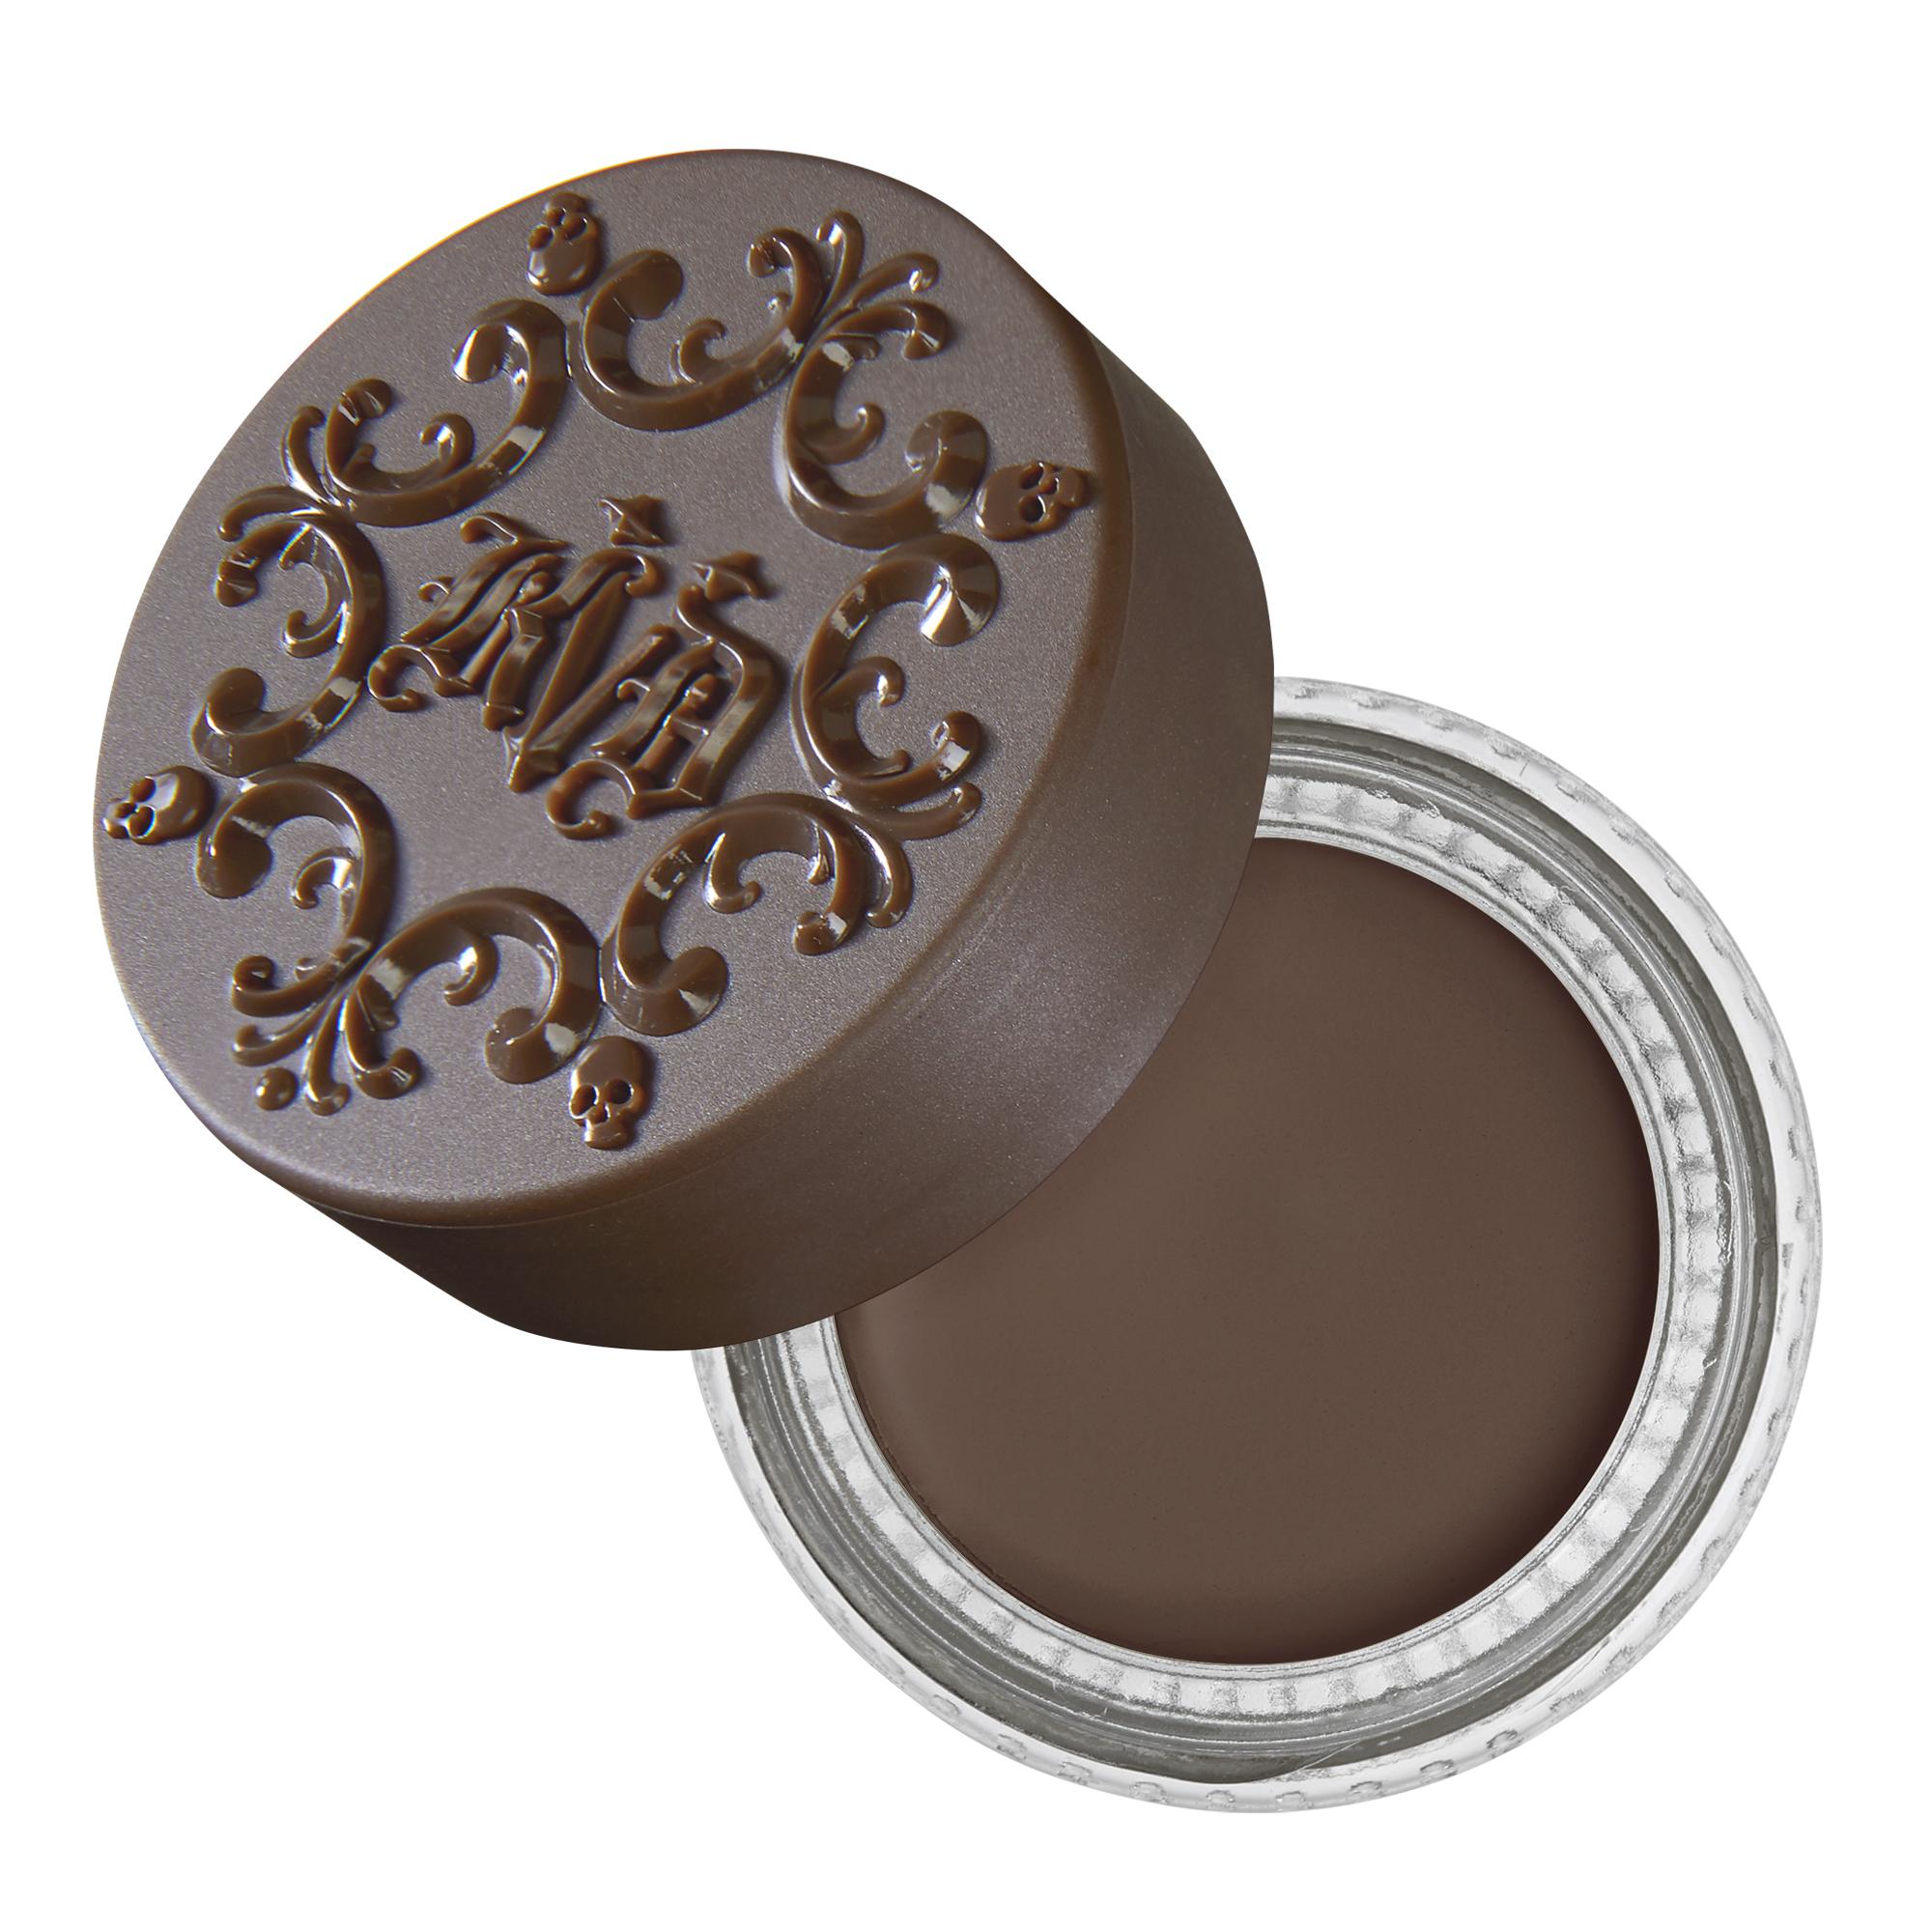 KVD Beauty Brow Creme Pot, light brown